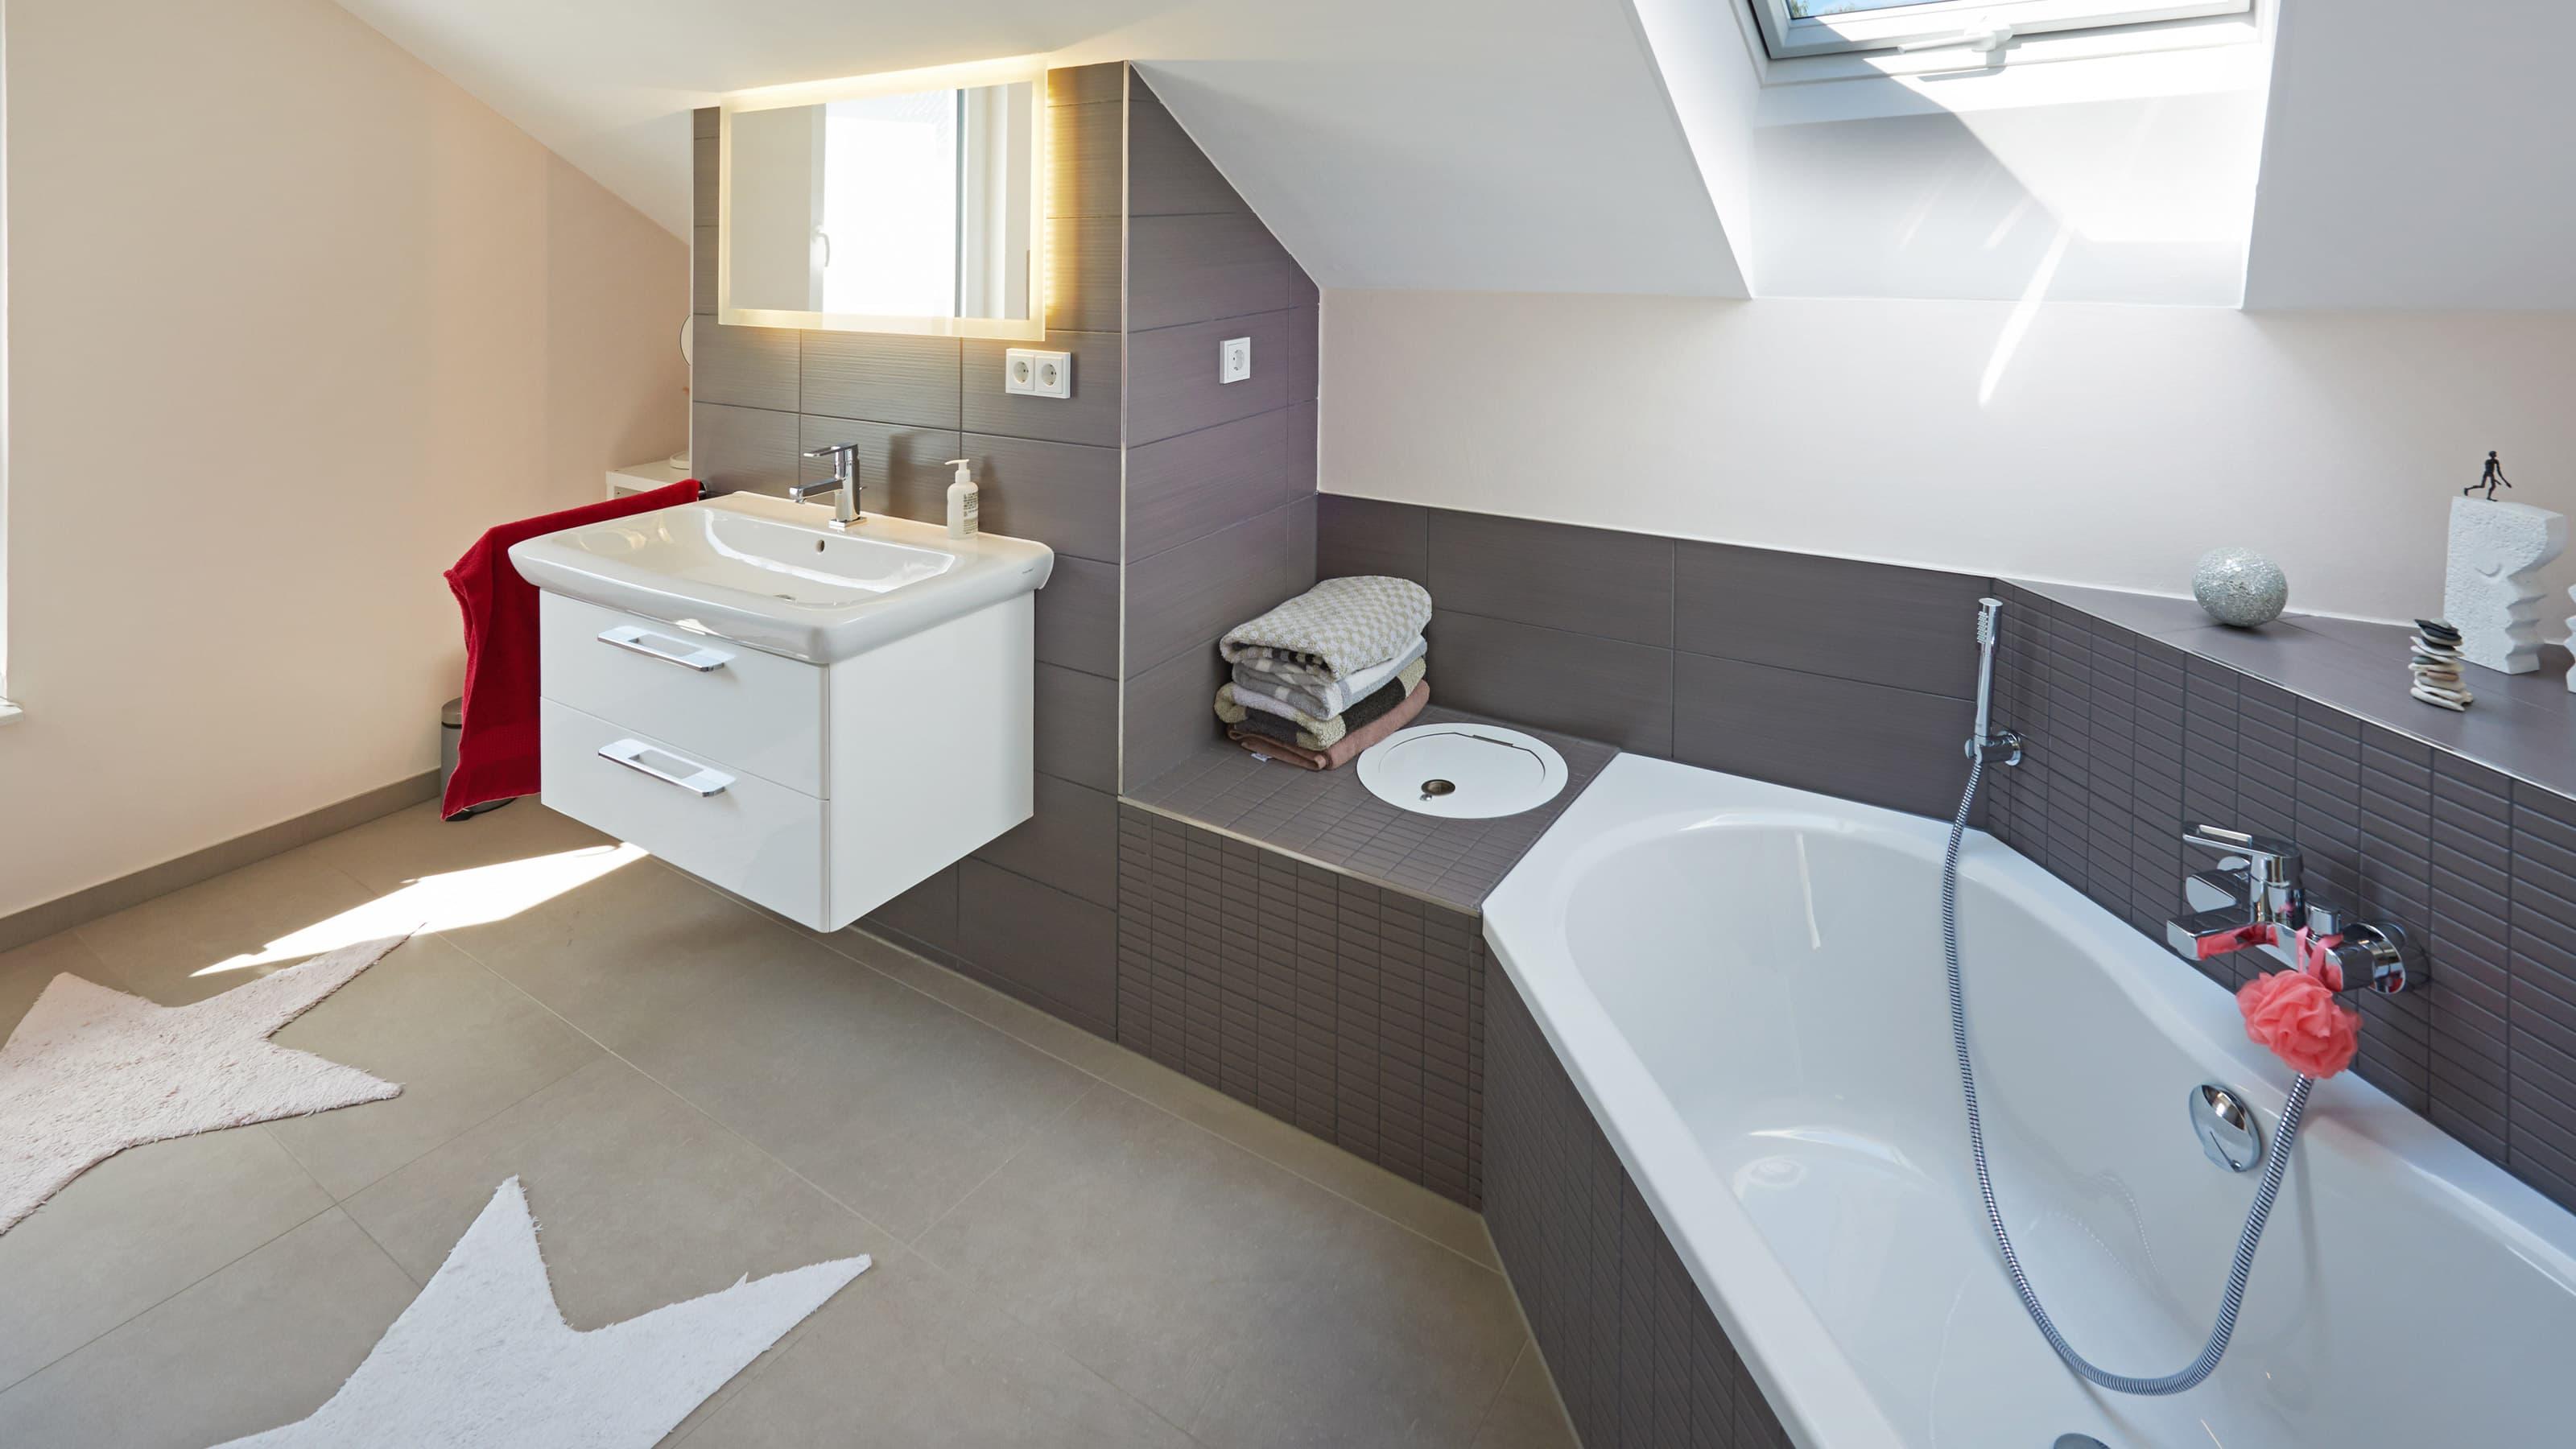 Fingerhut Haus R 100.10 Badezimmer